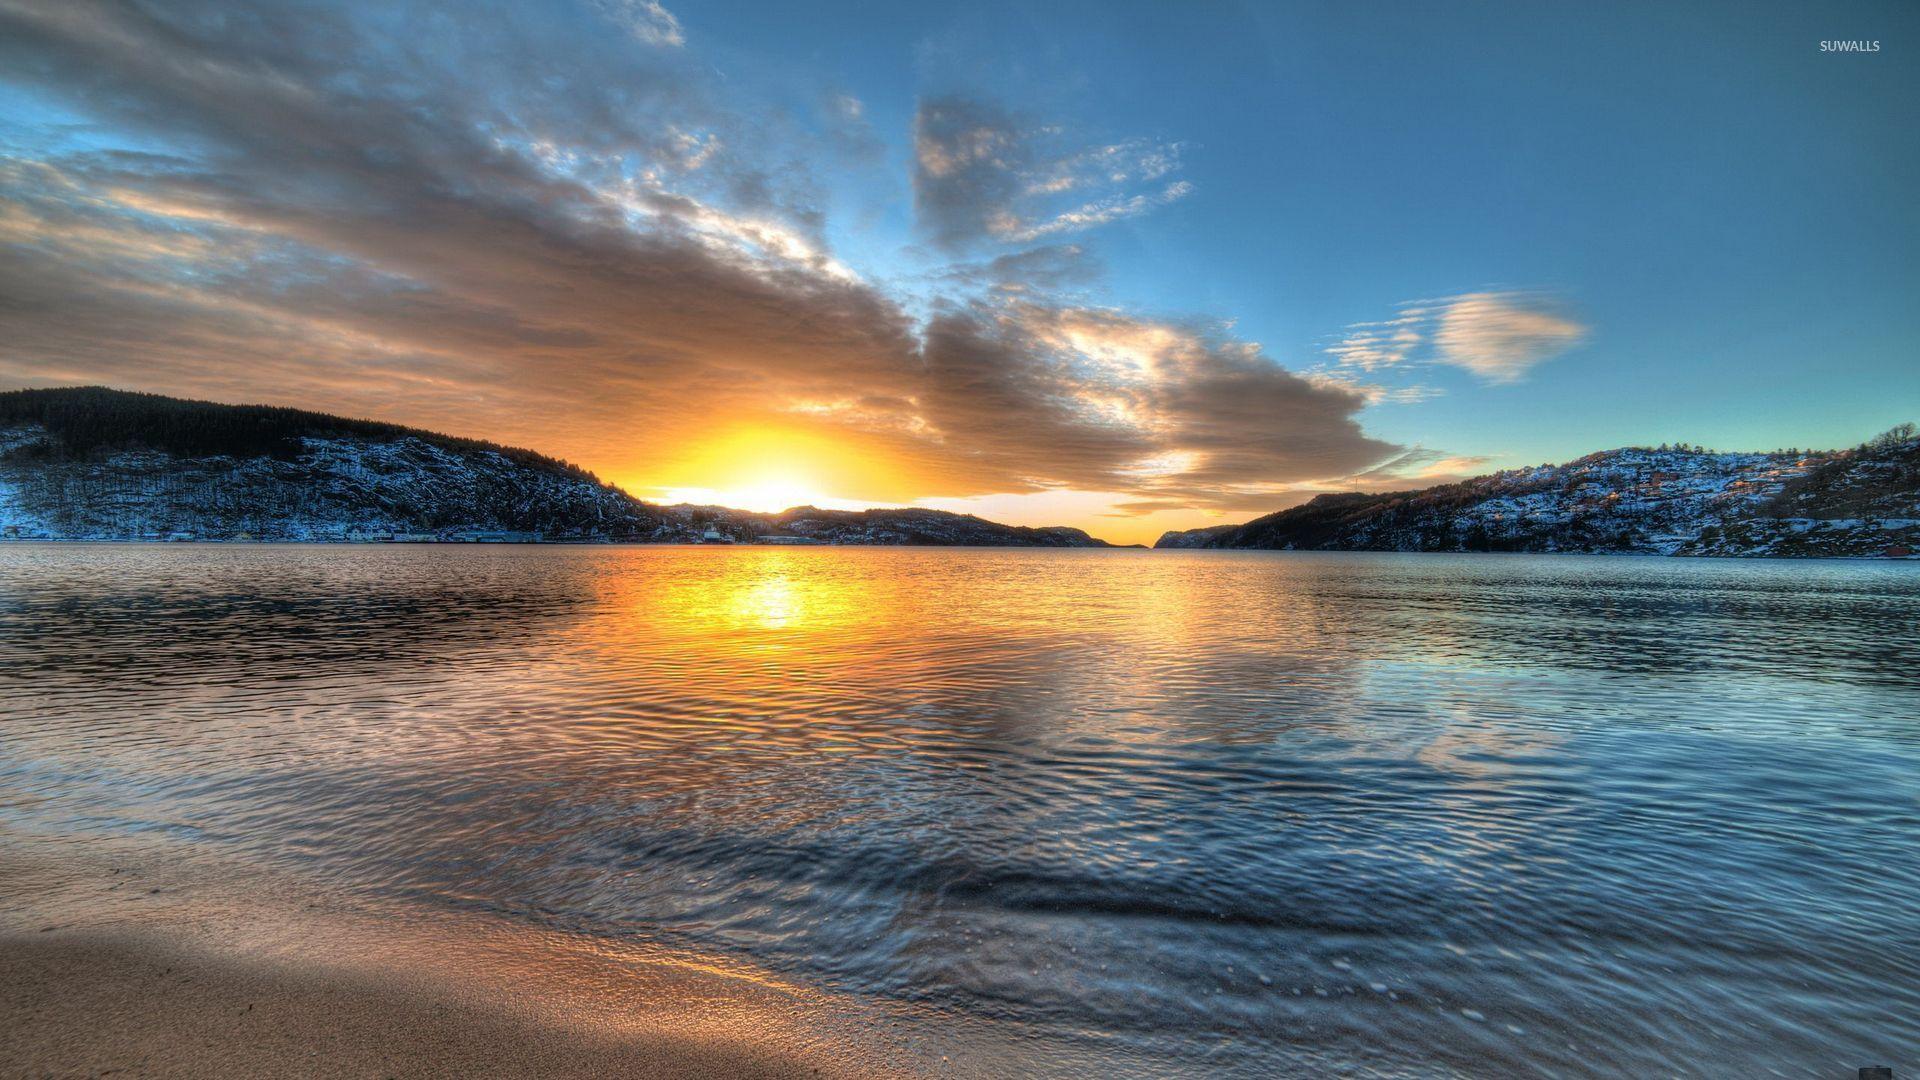 Golden Sunset On The Beach Wallpaper